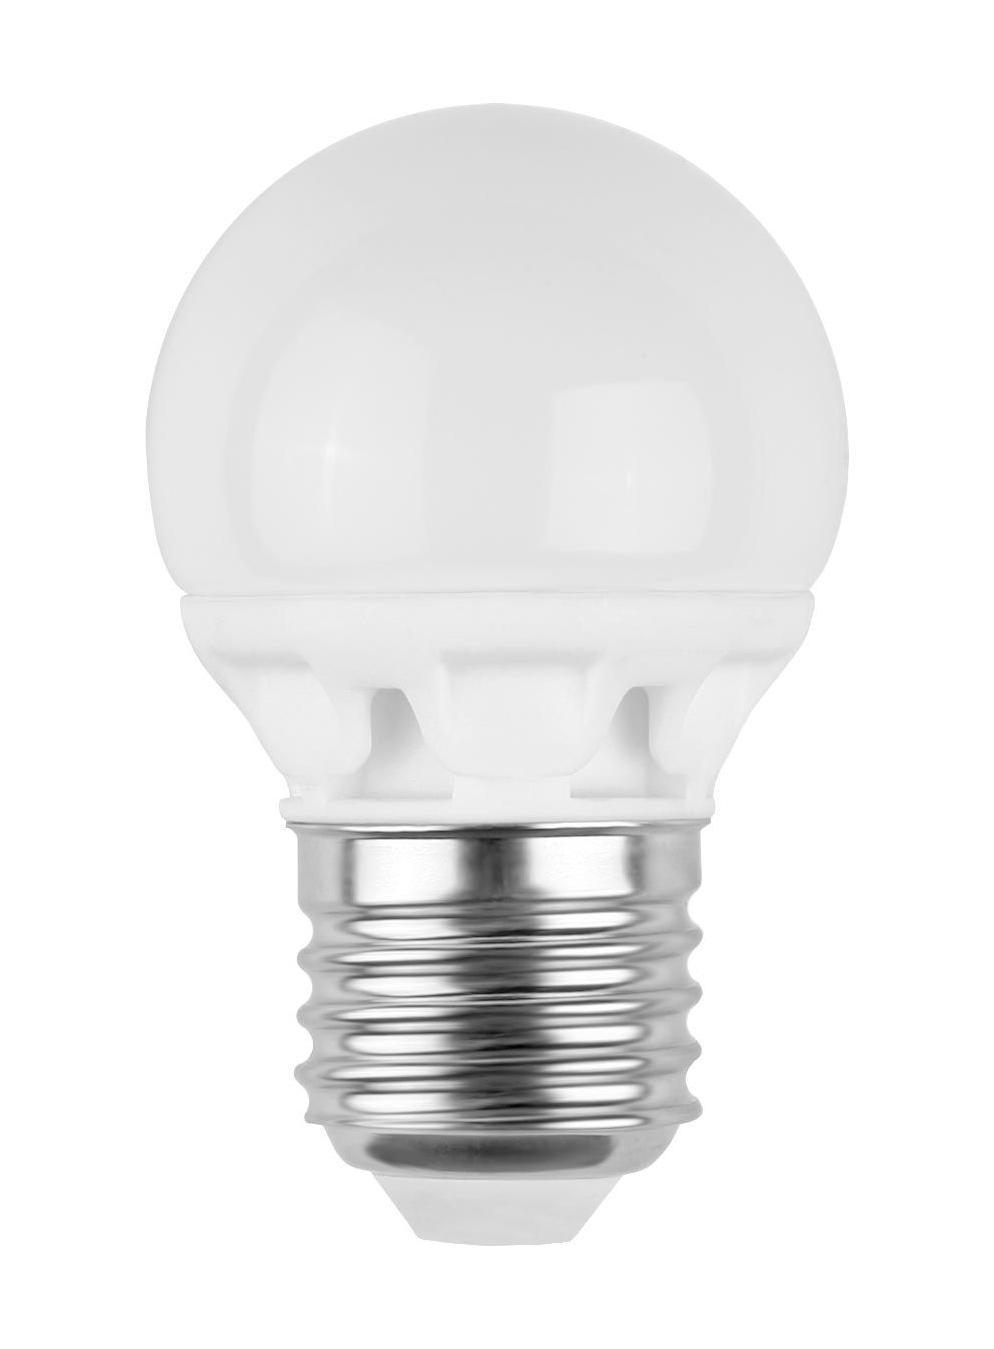 Camelion LED4.5-G45/845/E27 светодиодная лампа, 4,5ВтLED4.5-G45/845/E27Светодиодная рефлекторная лампа Camelion применяется для замены энергосберегающей лампы или лампы накаливания в точечных и направленных источниках света. При этом она сэкономит ваши деньги за счет минимального потребления электроэнергии и долгого срока службы. Так же эта лампа обладает высоким индексом цветопередачи и не мерцает, что делает ее свет комфортным для глаз. Нагрев LED лампы минимален, что позволяет использовать ее в натяжных потолках и других конструкциях, требовательных к температурному режиму. А когда она все-таки перегорит, не нужно задумываться о ее переработке, так как при производстве светодиодных ламп не используются вредные вещества, в том числе ртуть.